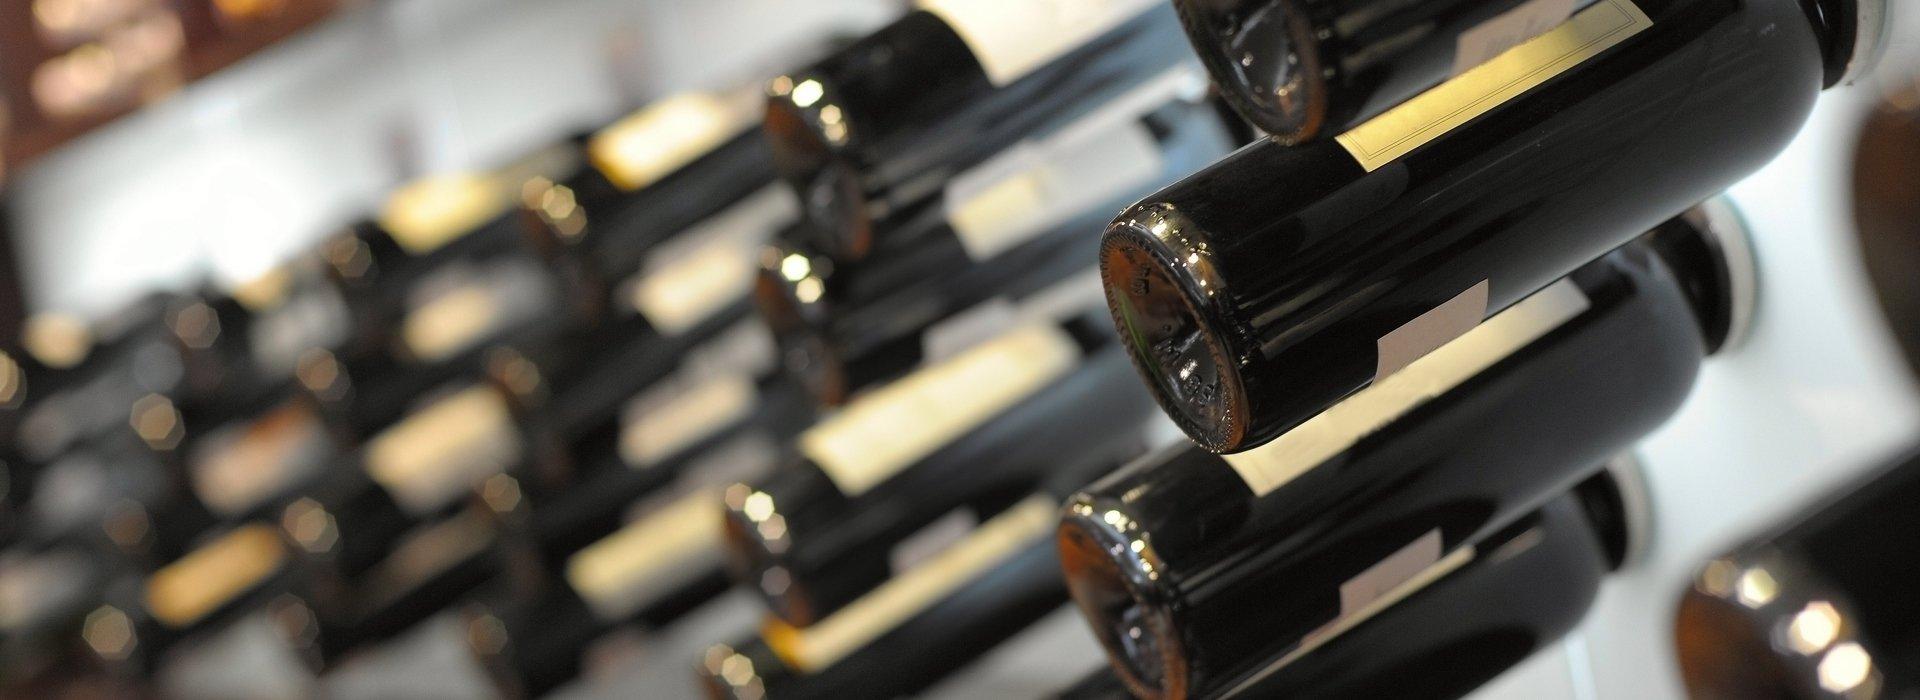 Budapesti borszaküzletek